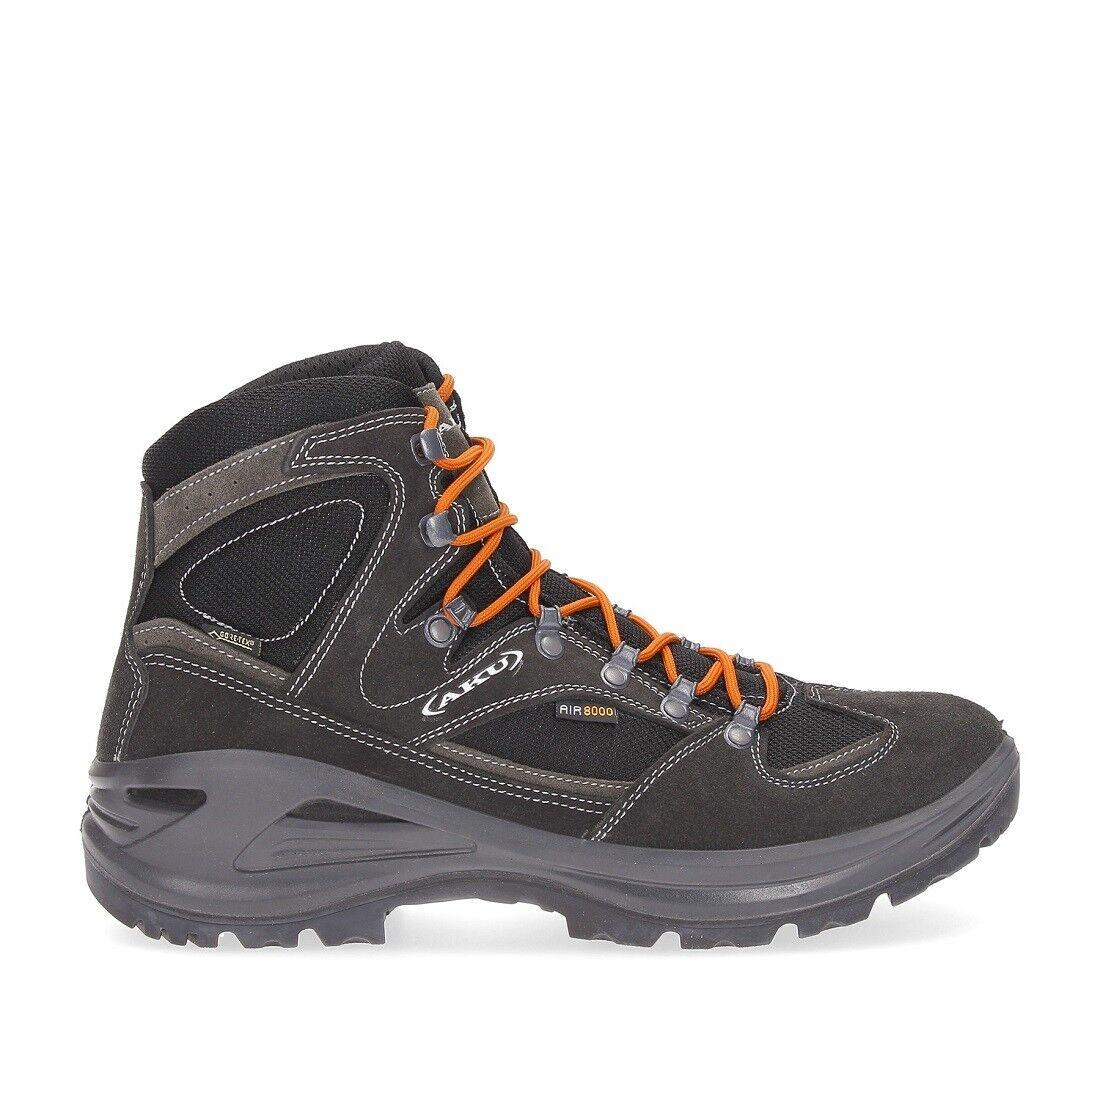 Descuento de la marca Grandes zapatos con descuento Aku Scarpe pedule Aku Sendera GTX 346 Col. 108 Nero/Arancio